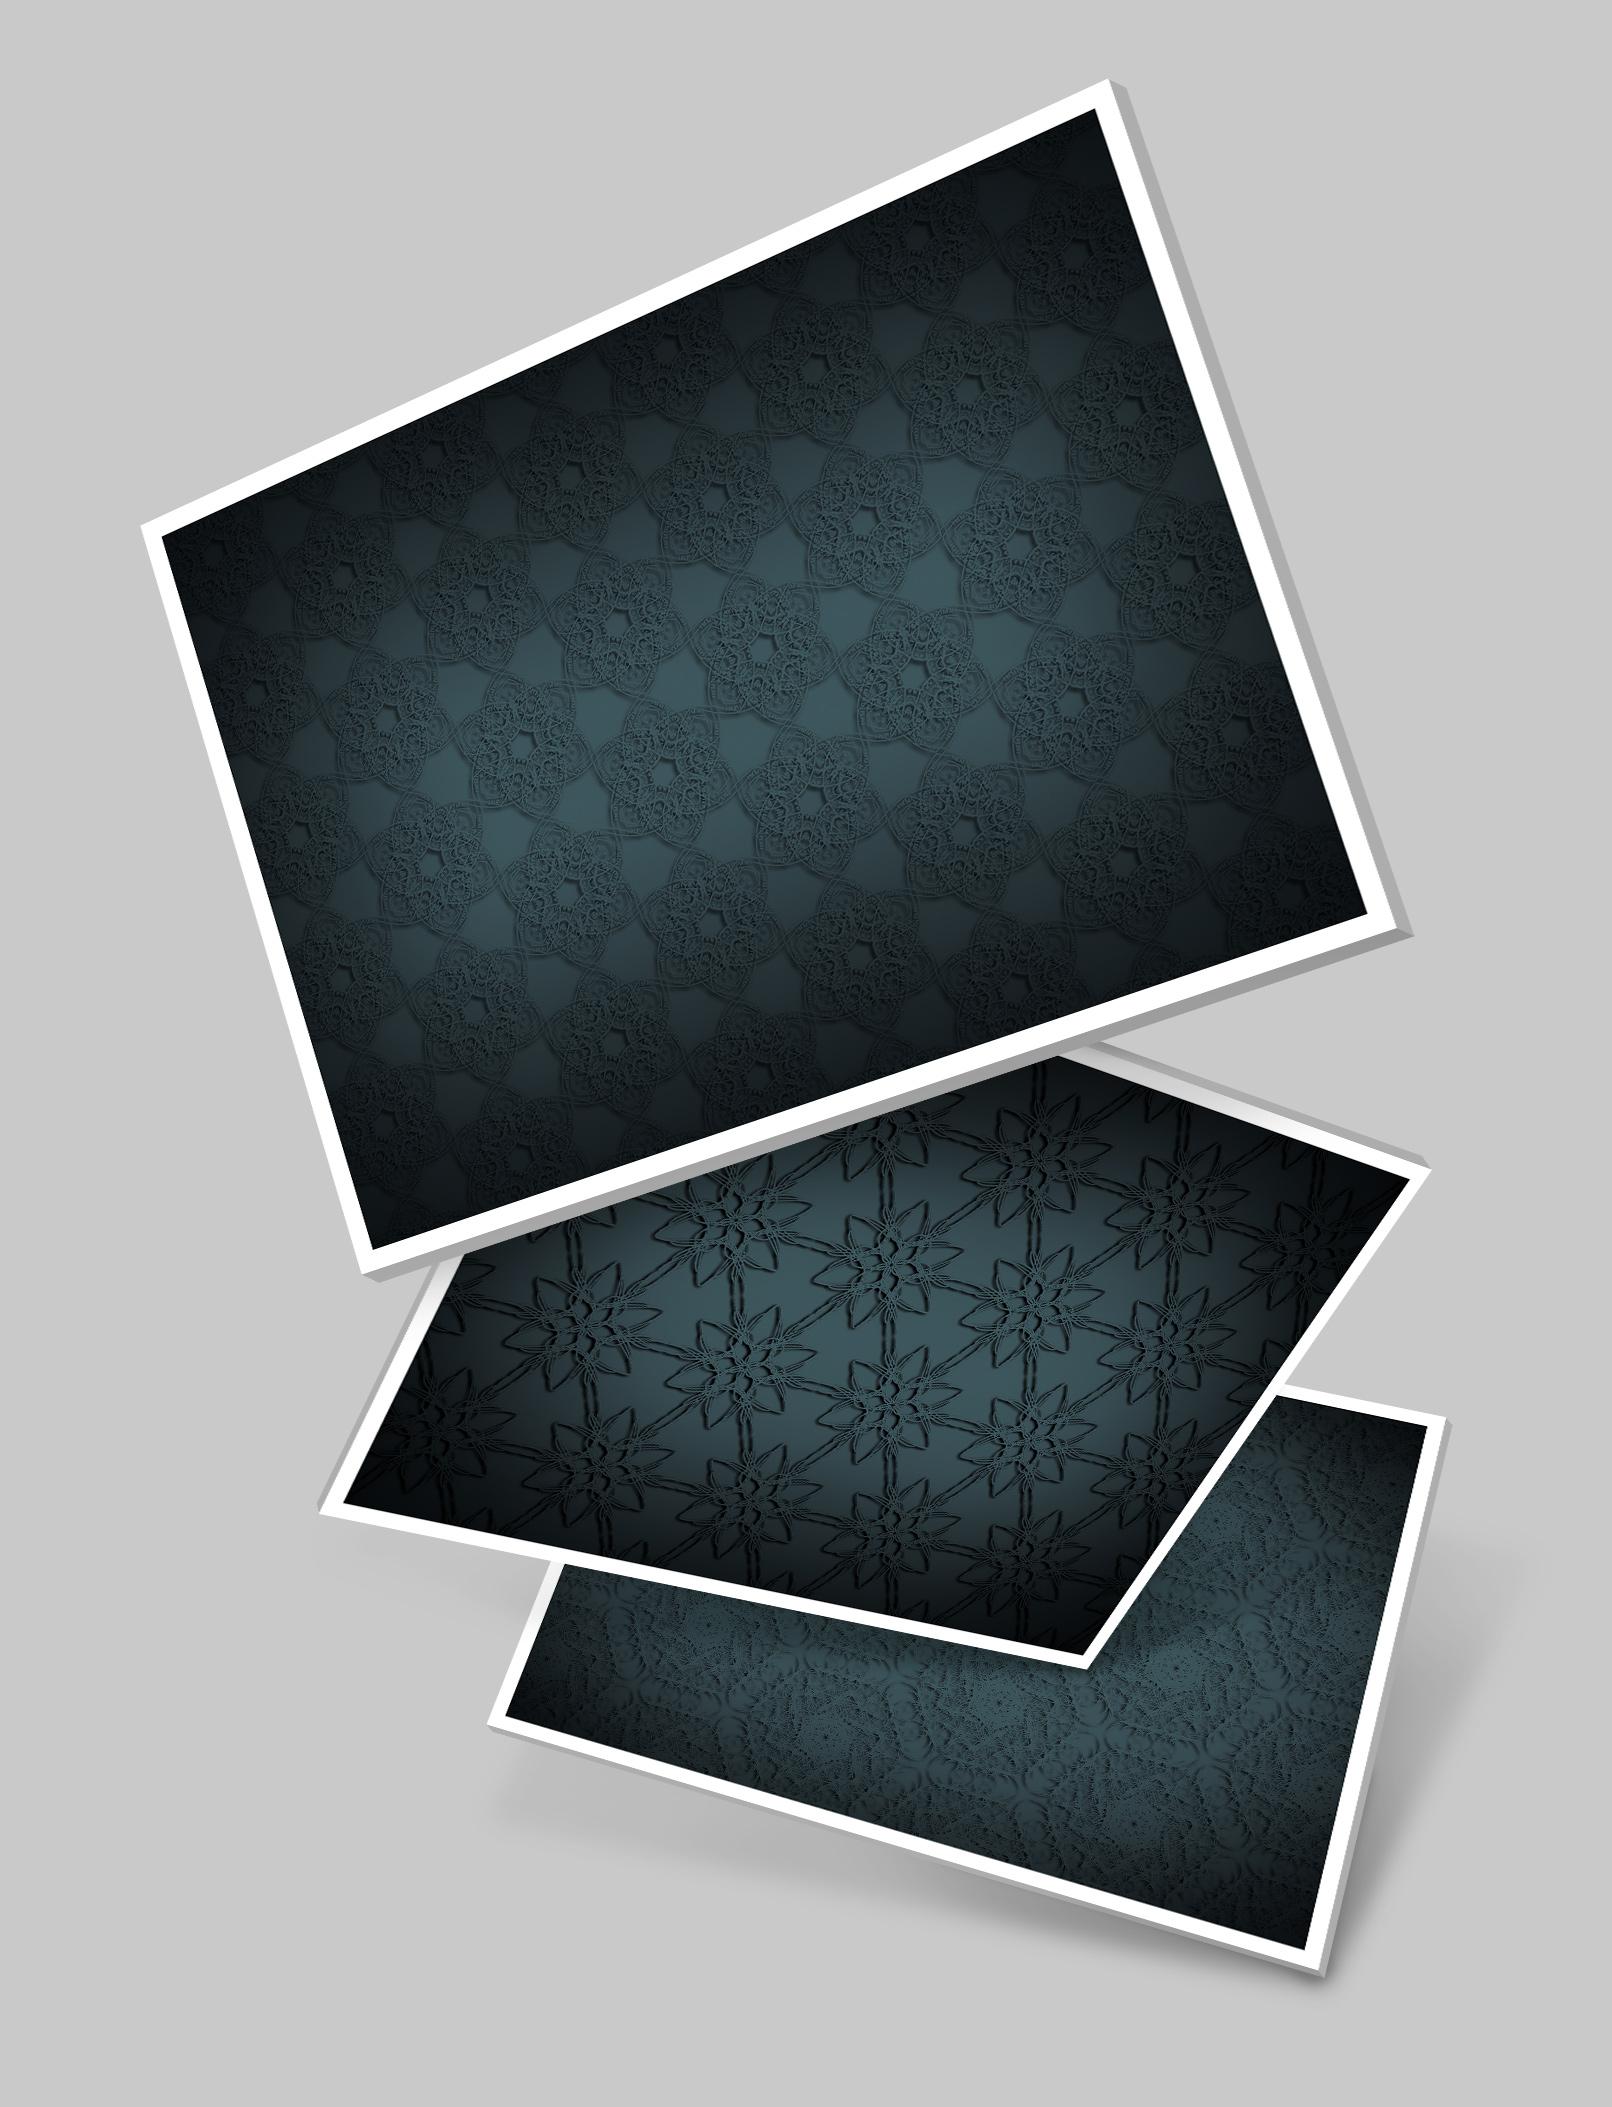 Drei Varianten mit Hintergrundbildern in Stahlgrau